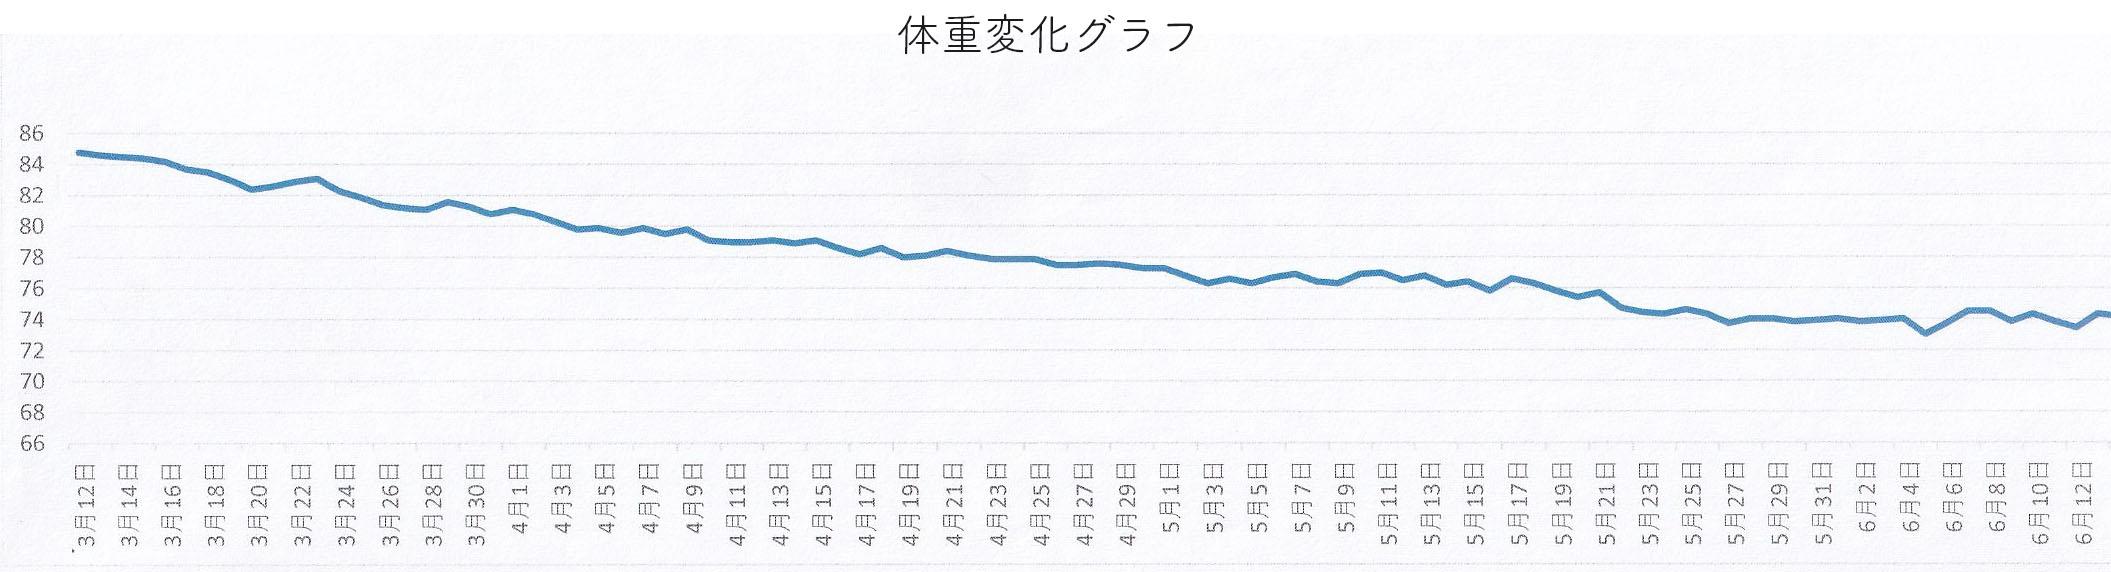 Aさんグラフ